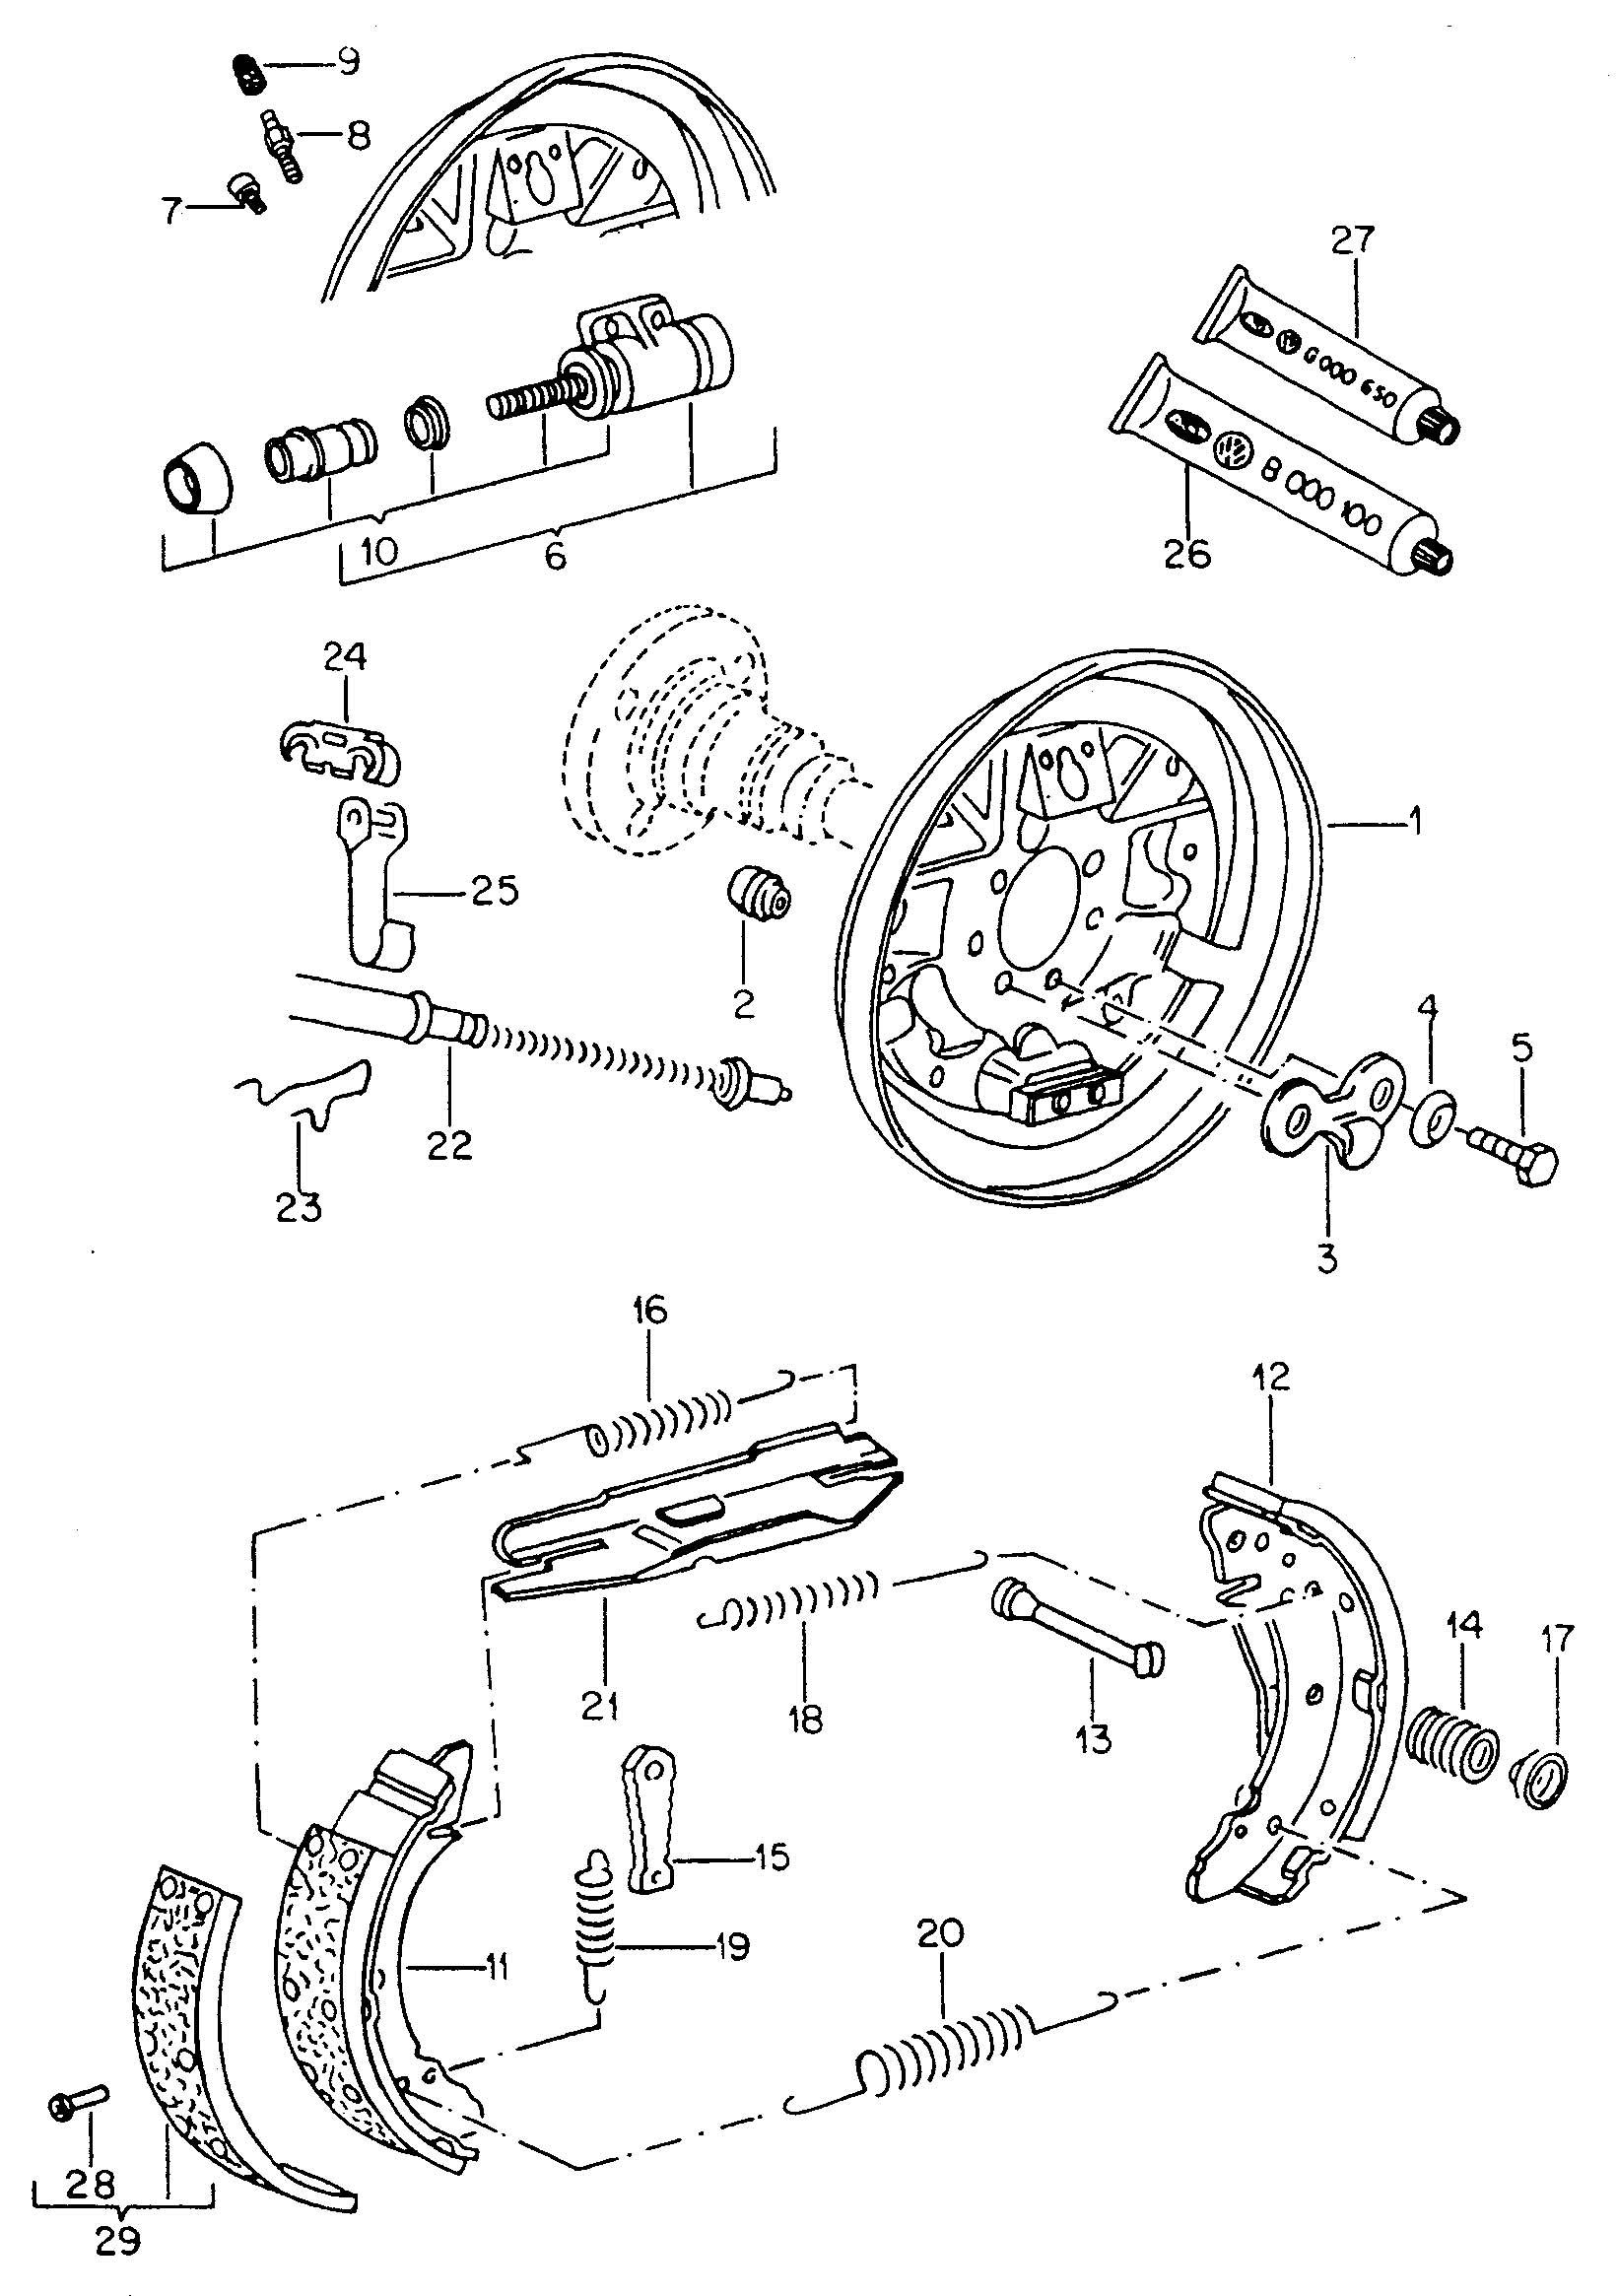 Ford F700 Hydraulic Brake Diagram